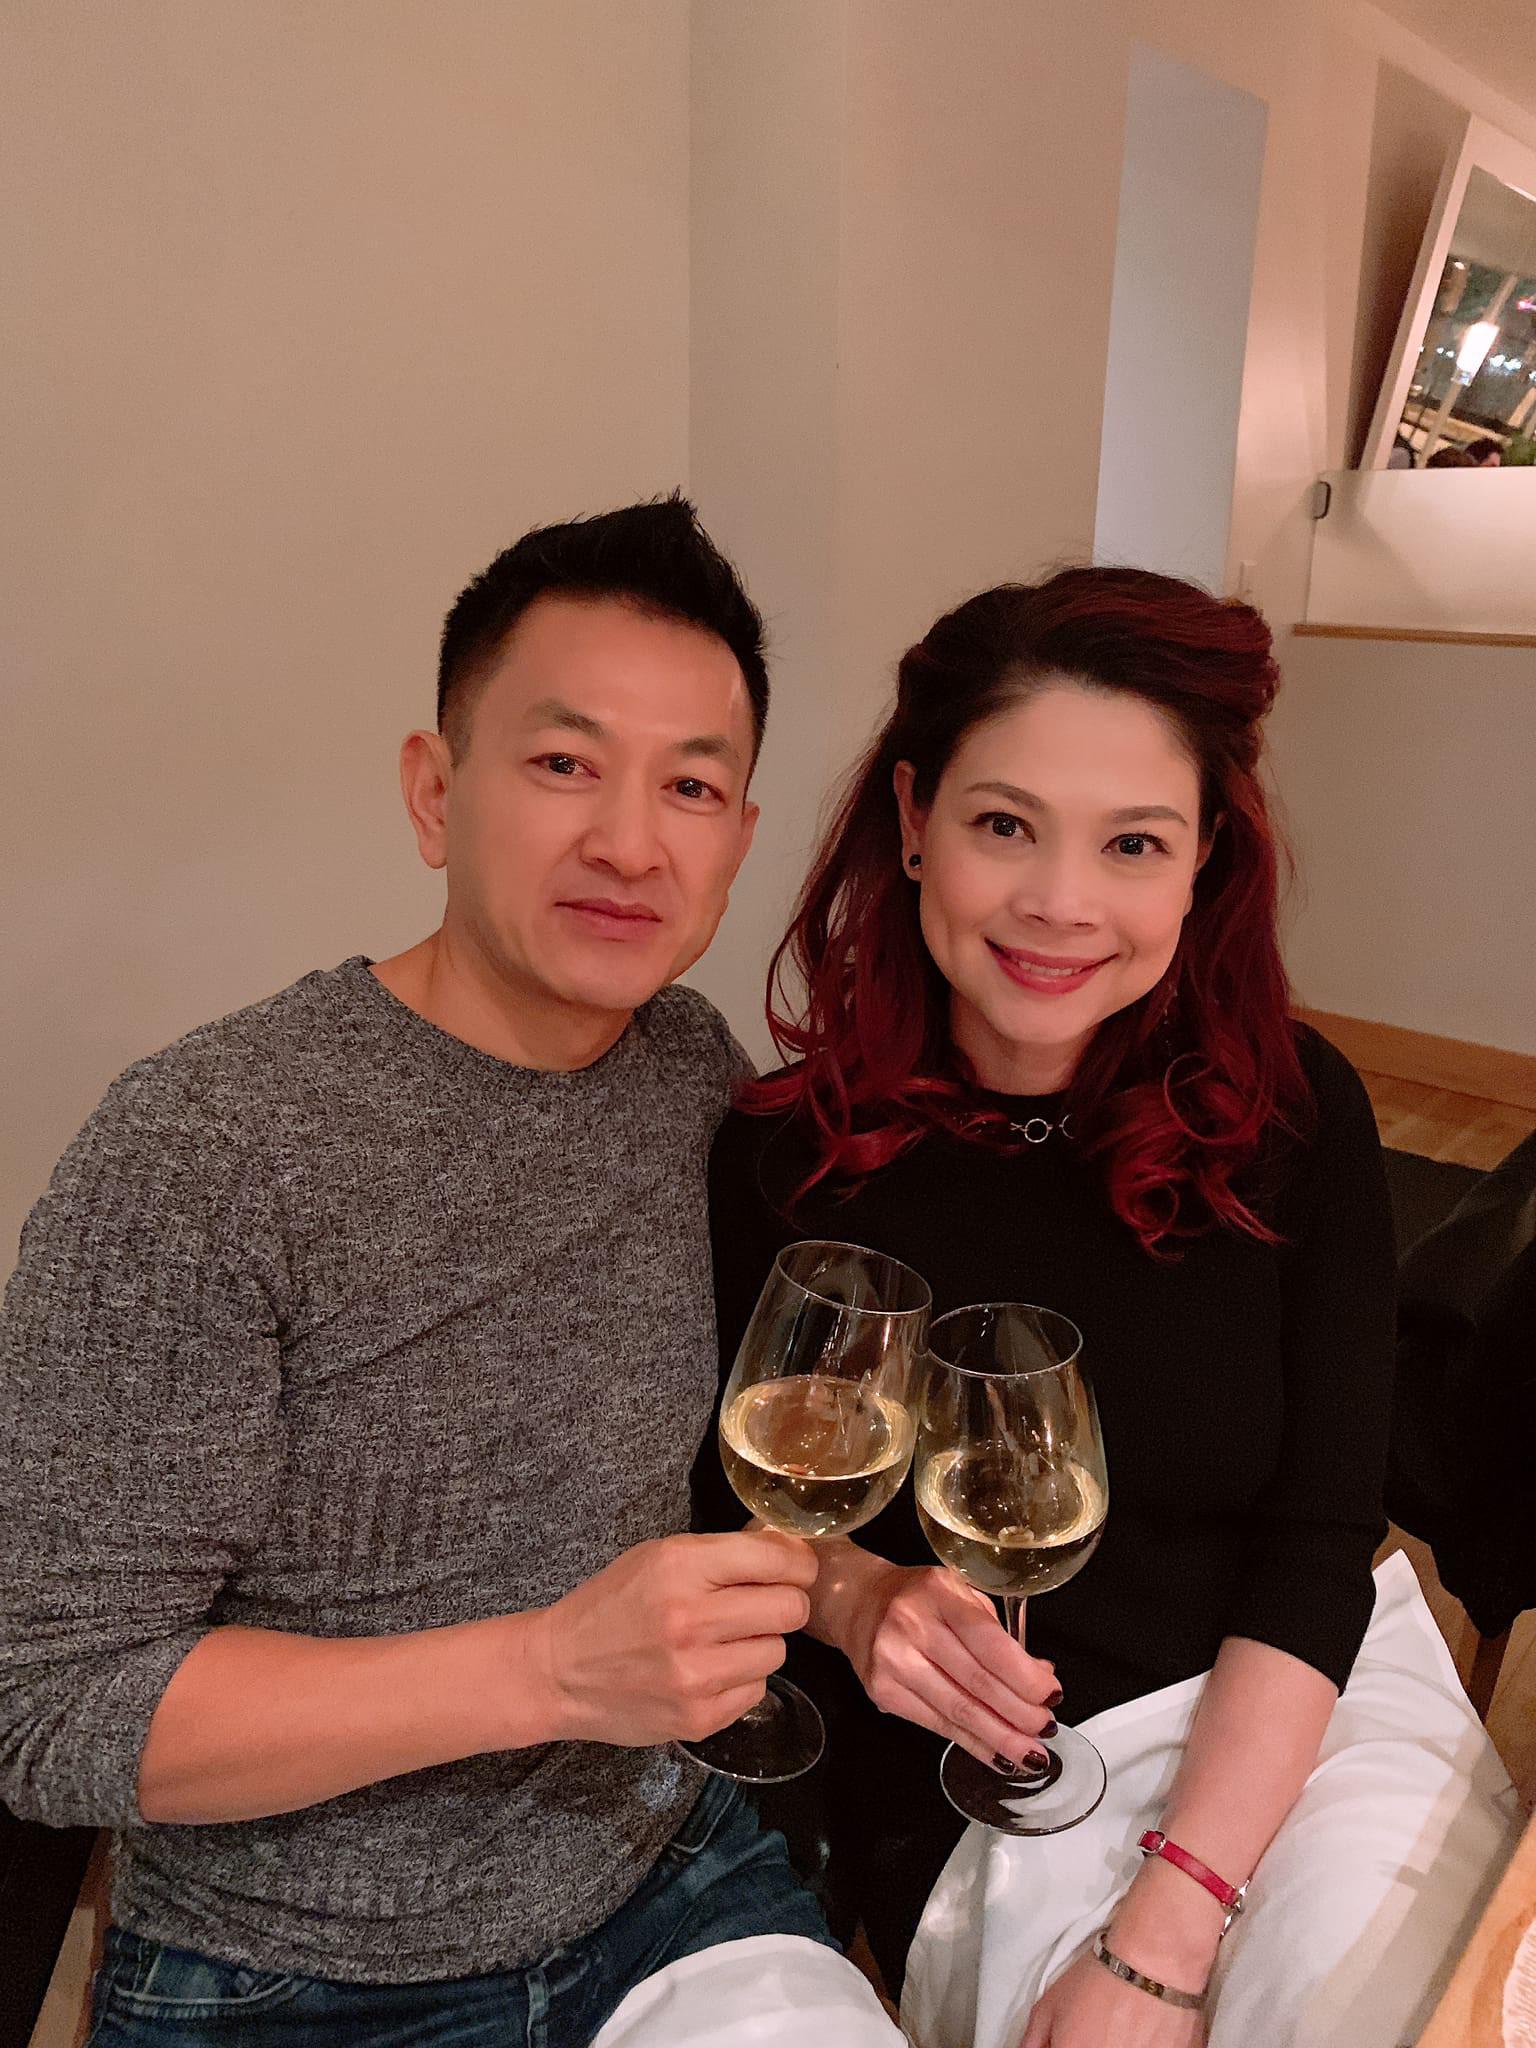 Kỷ niệm 2 năm yêu nhau, ông xã Thanh Thảo lãng mạn tới mức mặc lại chiếc áo của ngày đầu gặp gỡ để thể hiện tình cảm - Ảnh 3.